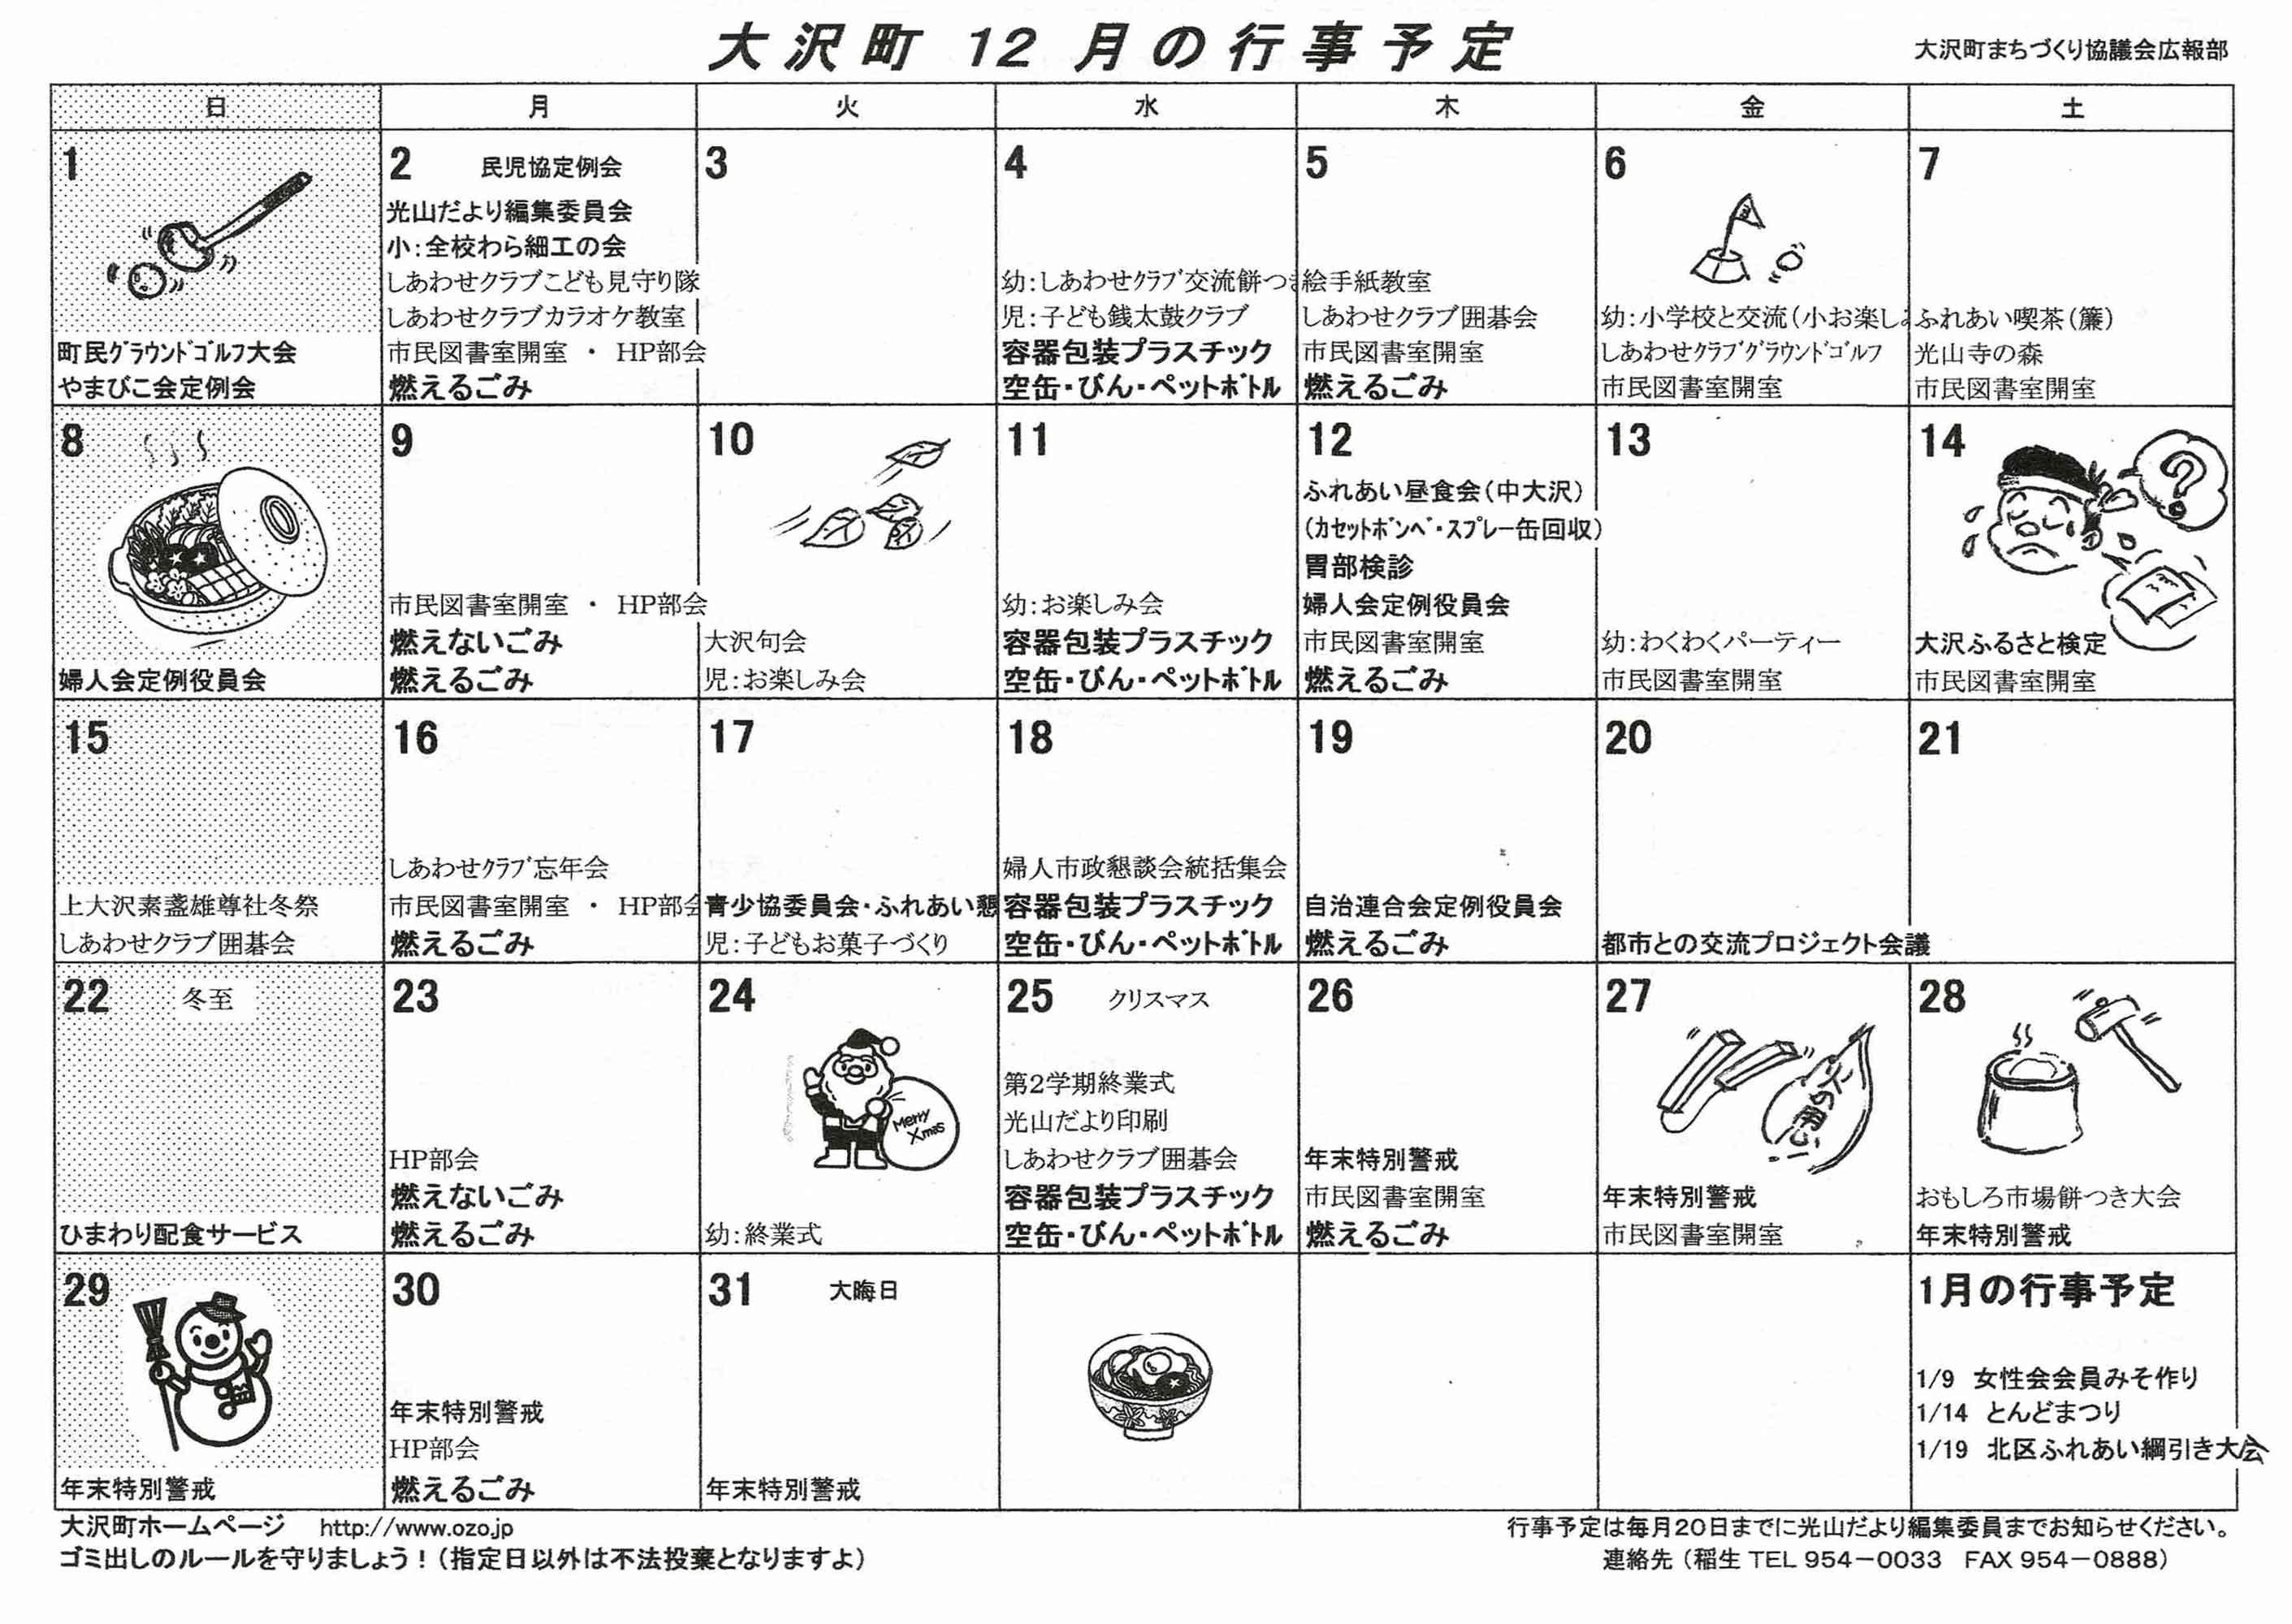 schedule201912